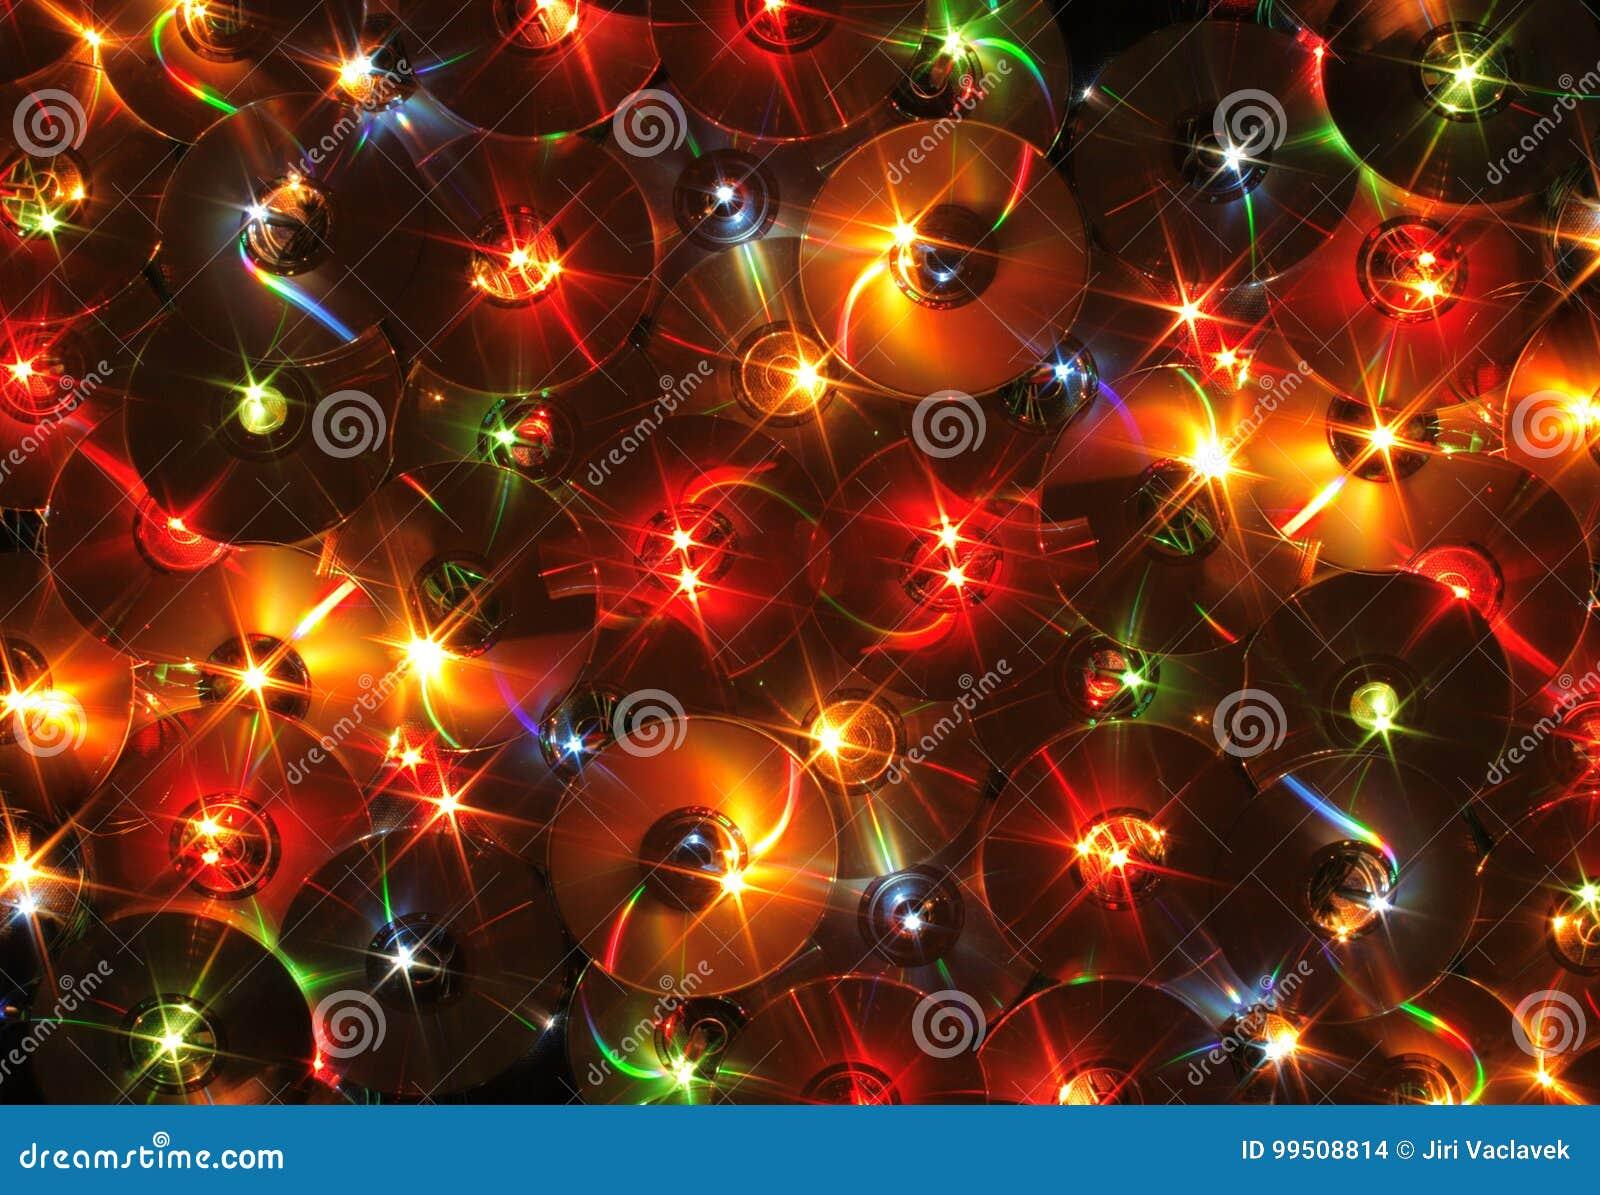 Xmas music background stock photo. Image of decorative - 99508814